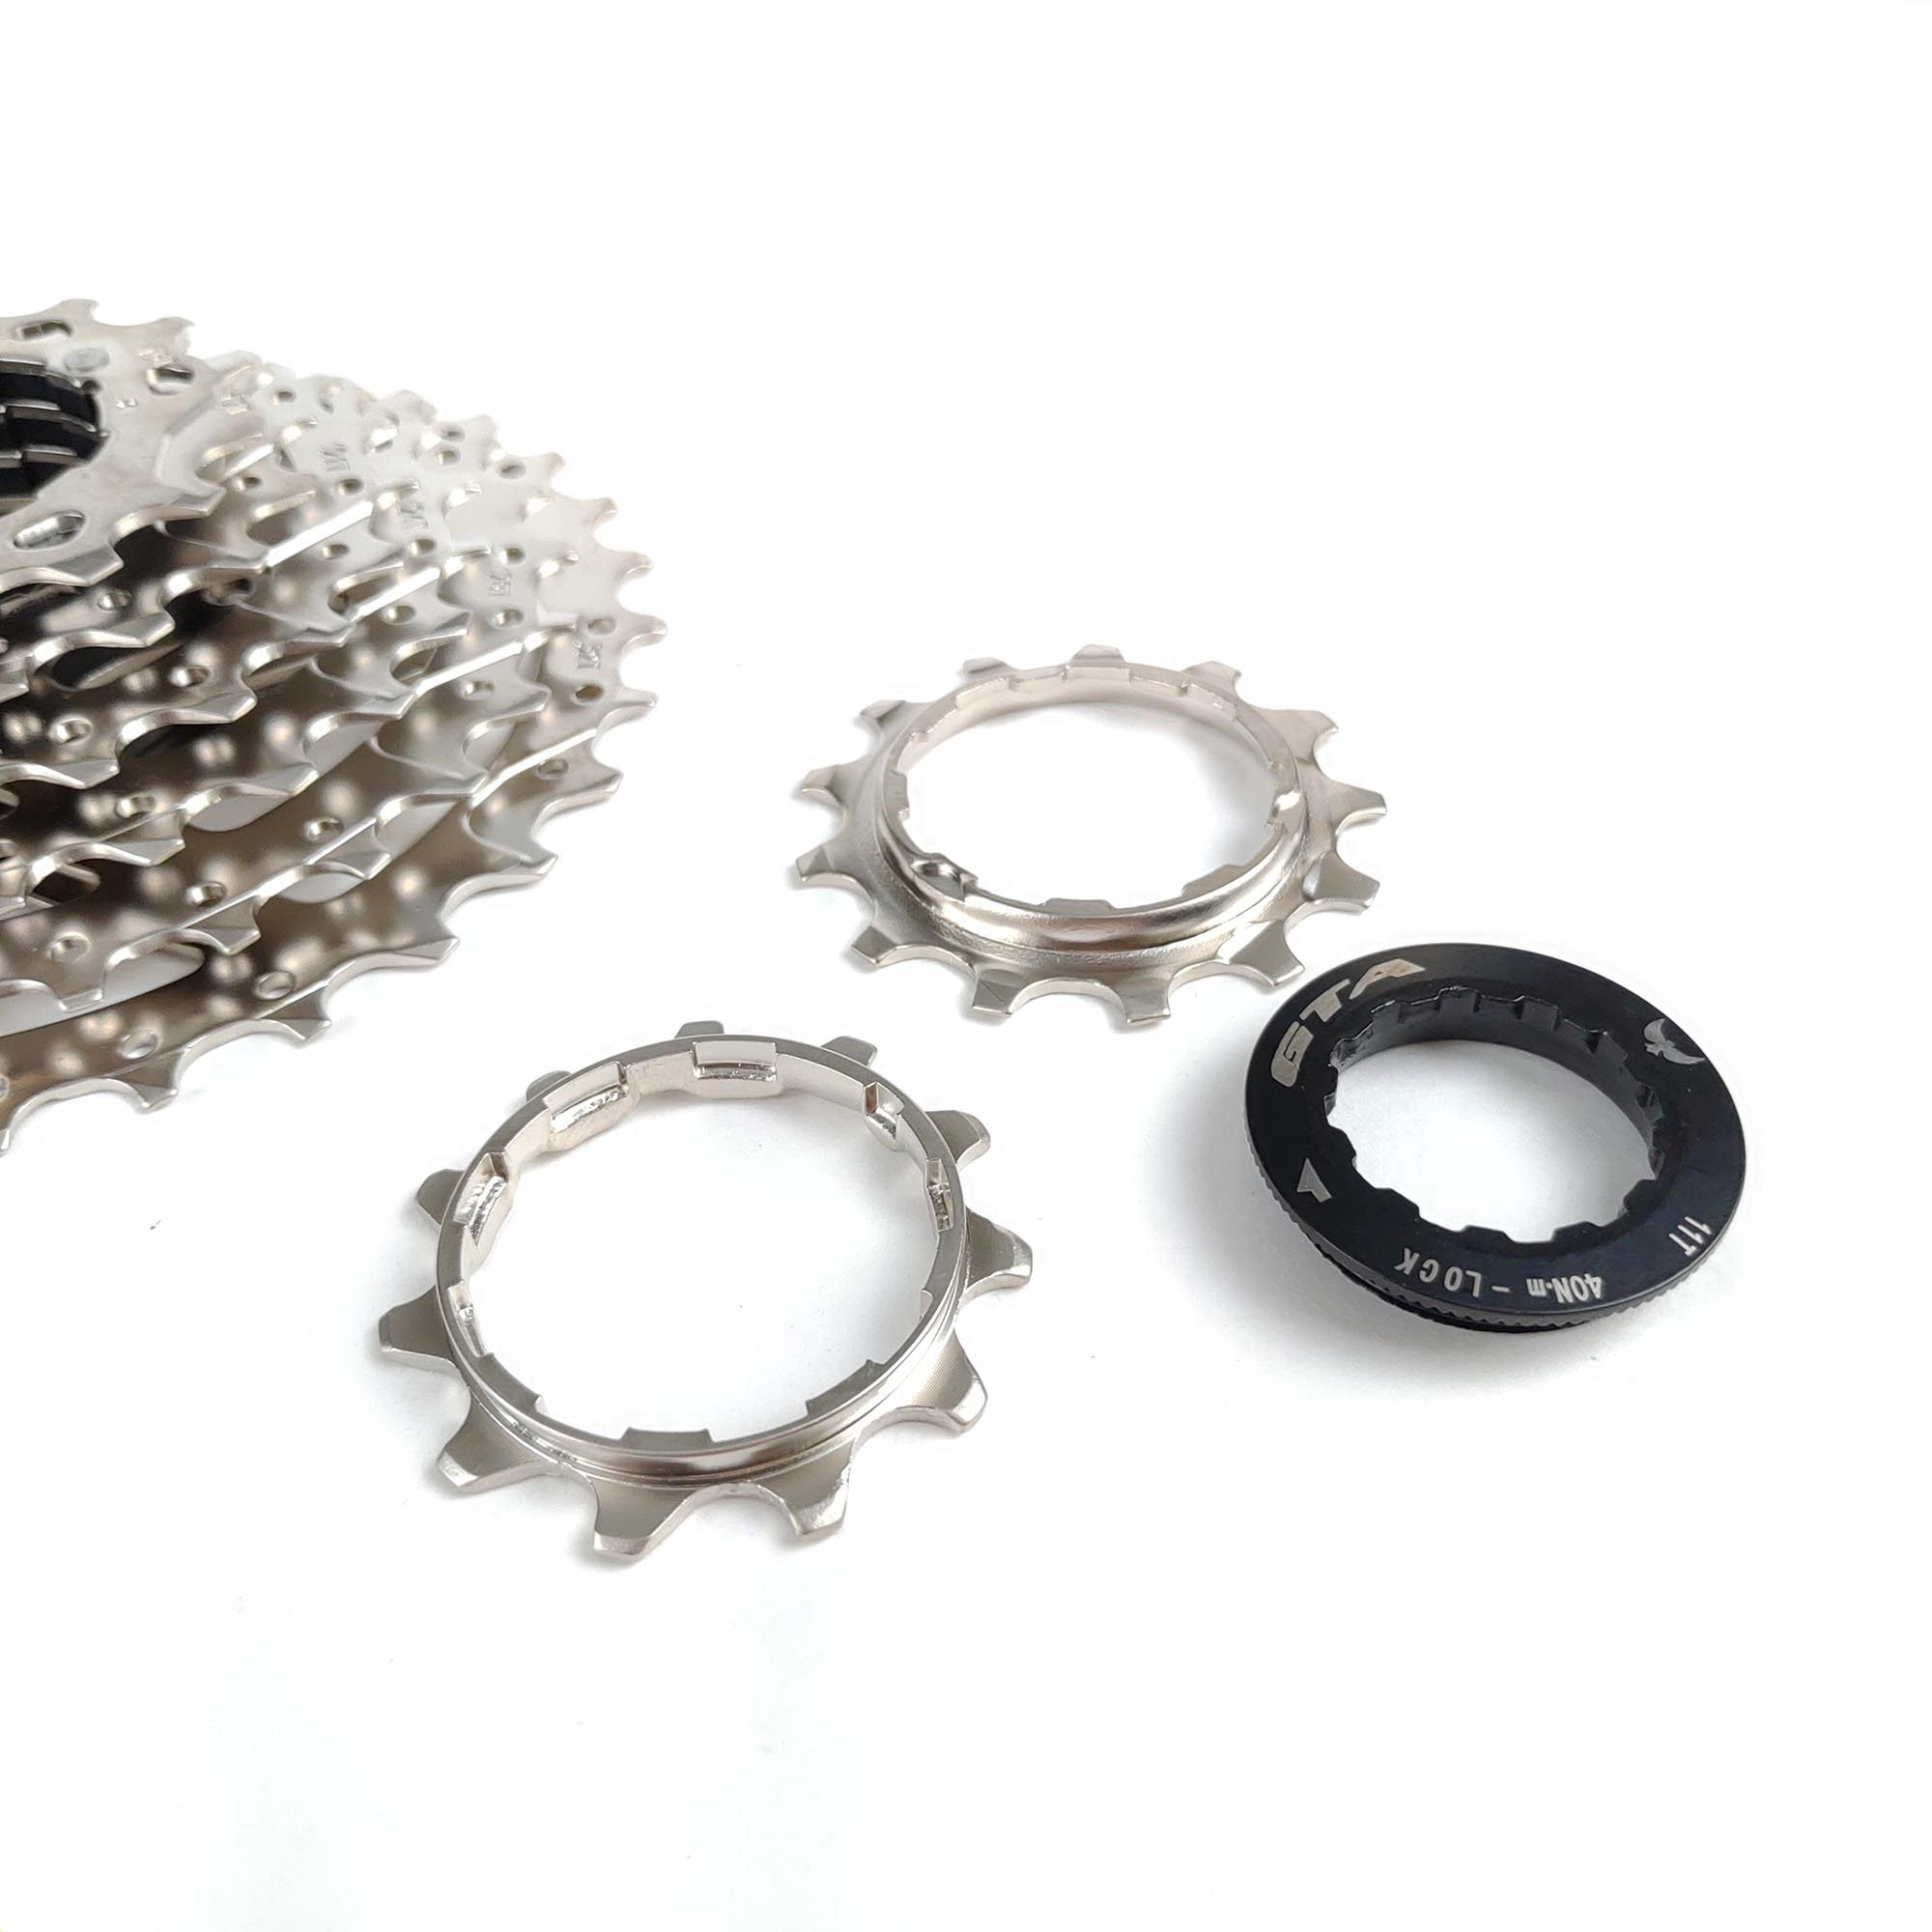 Cassete Bike de 8 velocidades Gta 11-32D Index Cromado